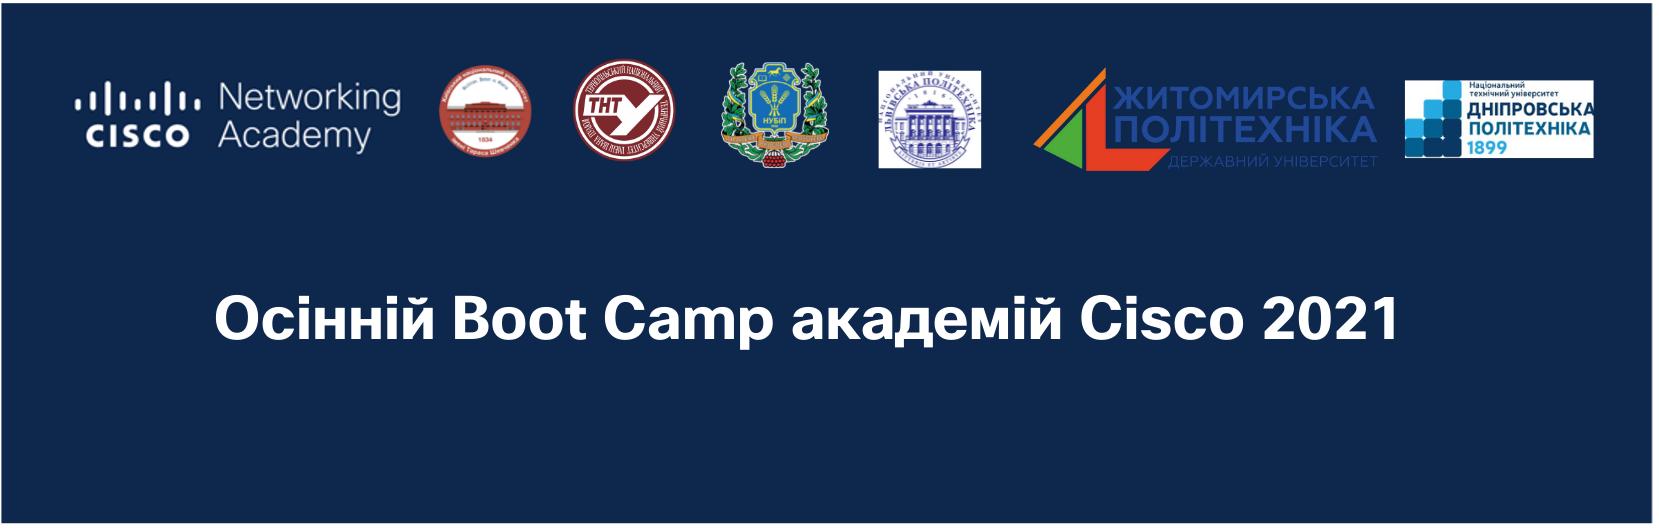 ukraine banner